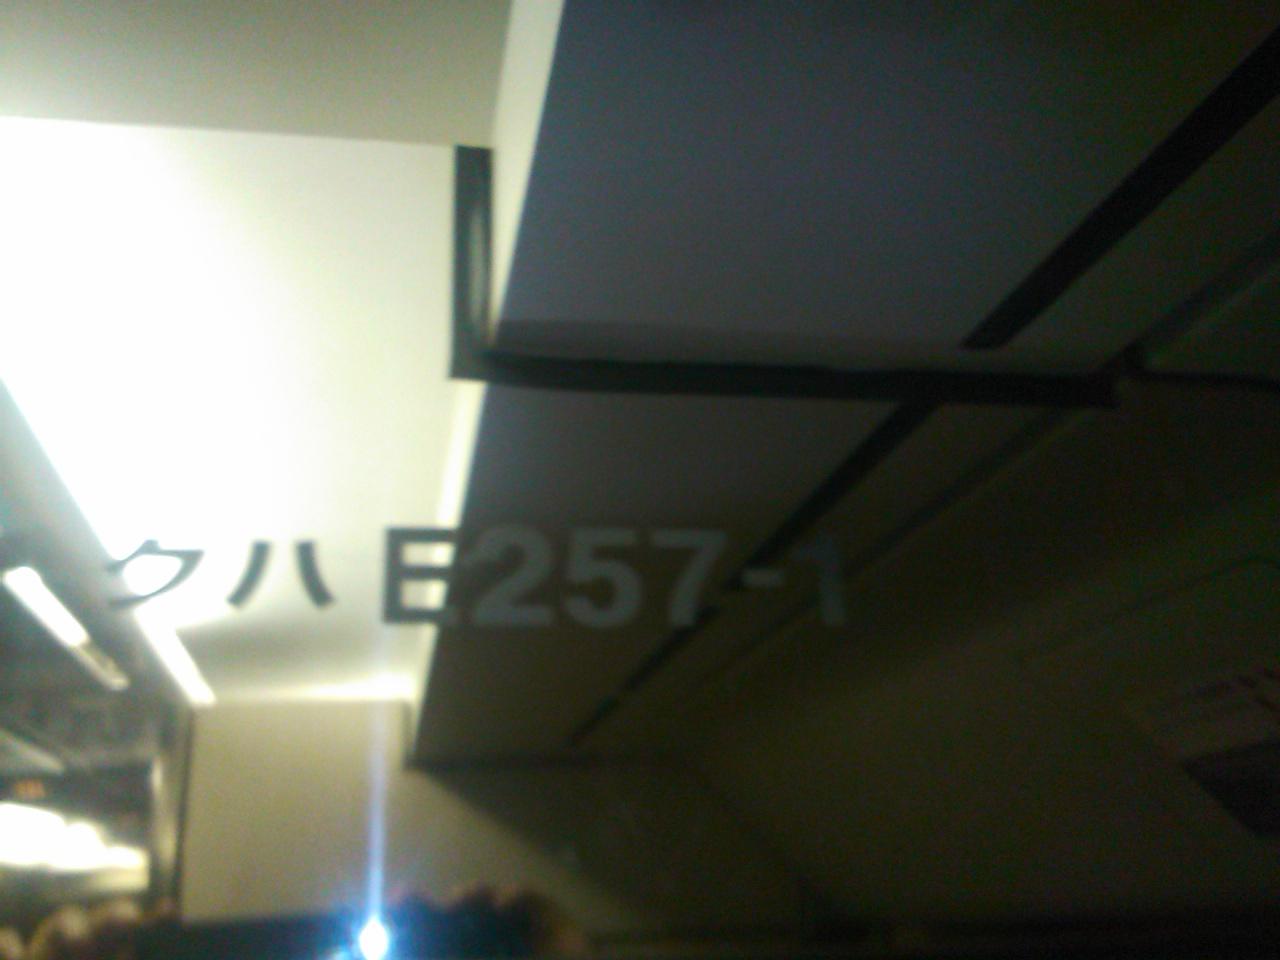 Sn3n0127